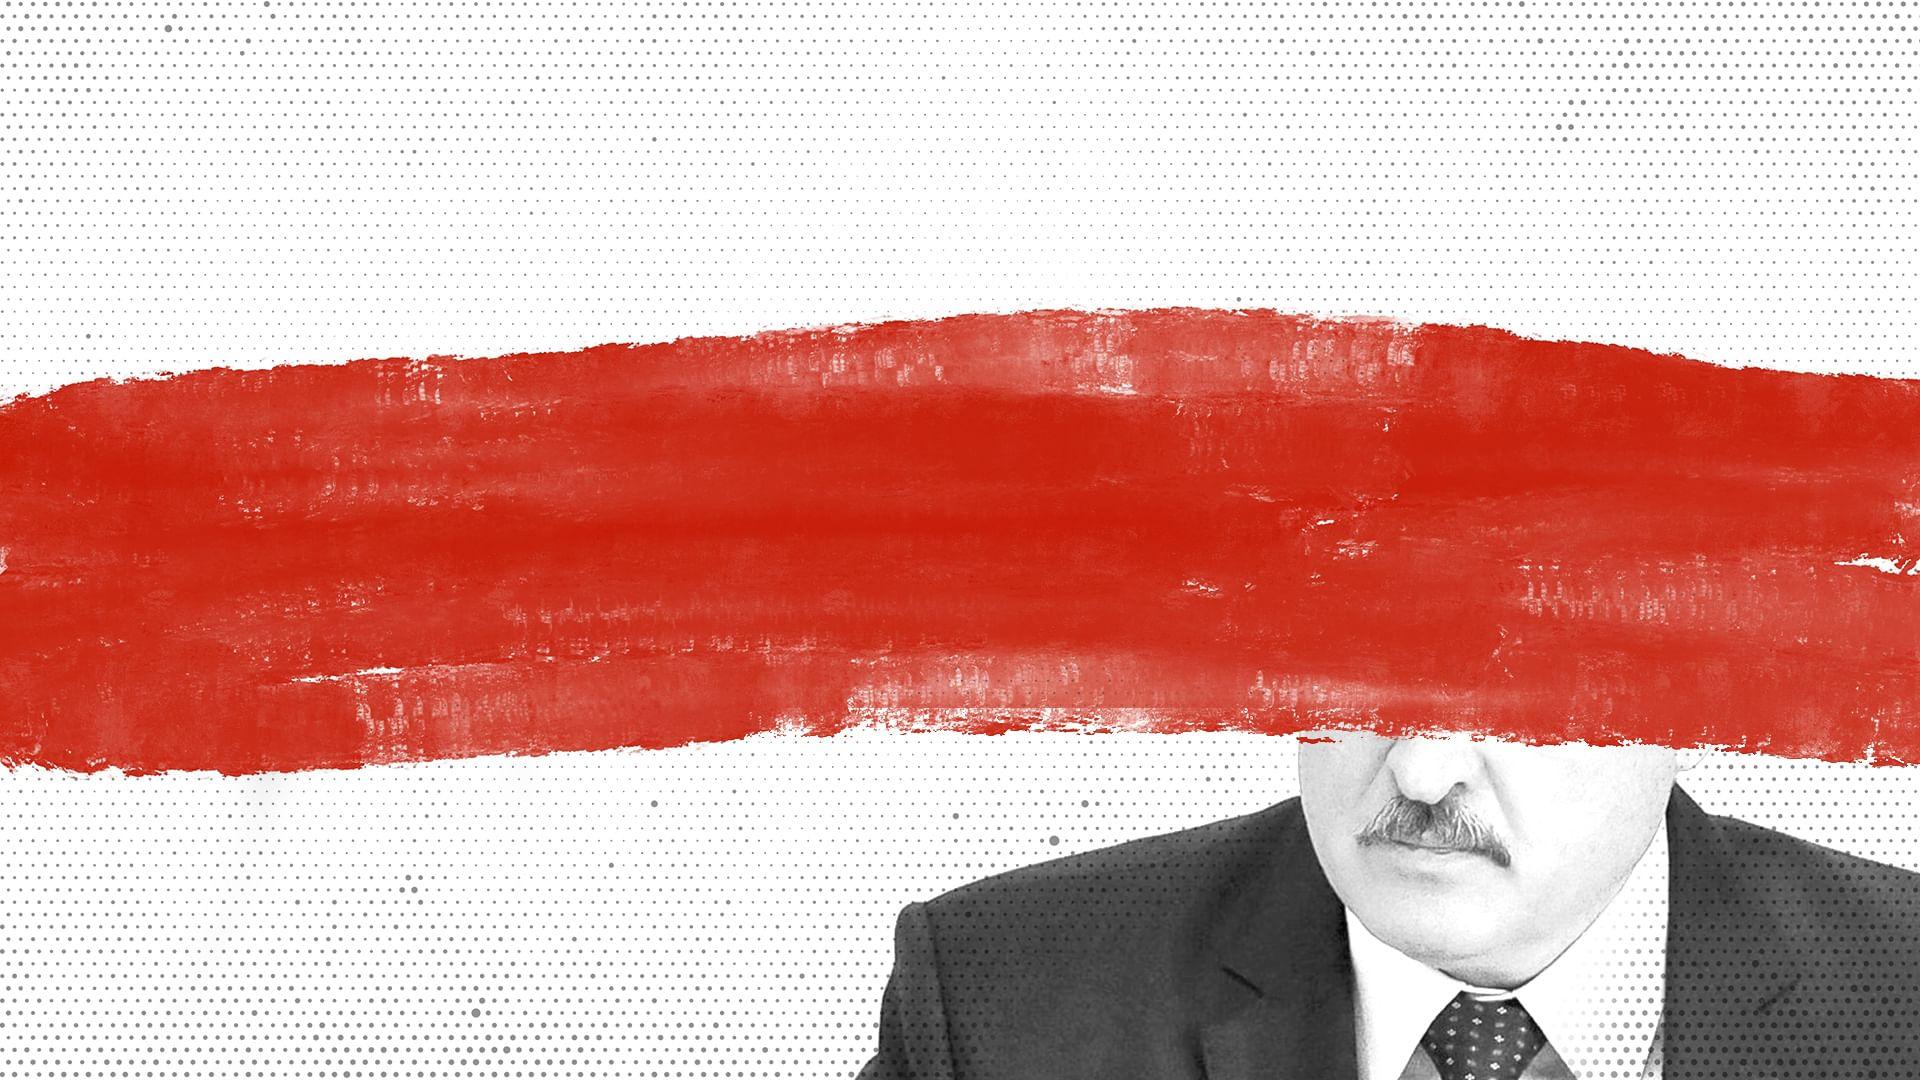 Biélorussie : faire entendre la voix de l'opposition ?